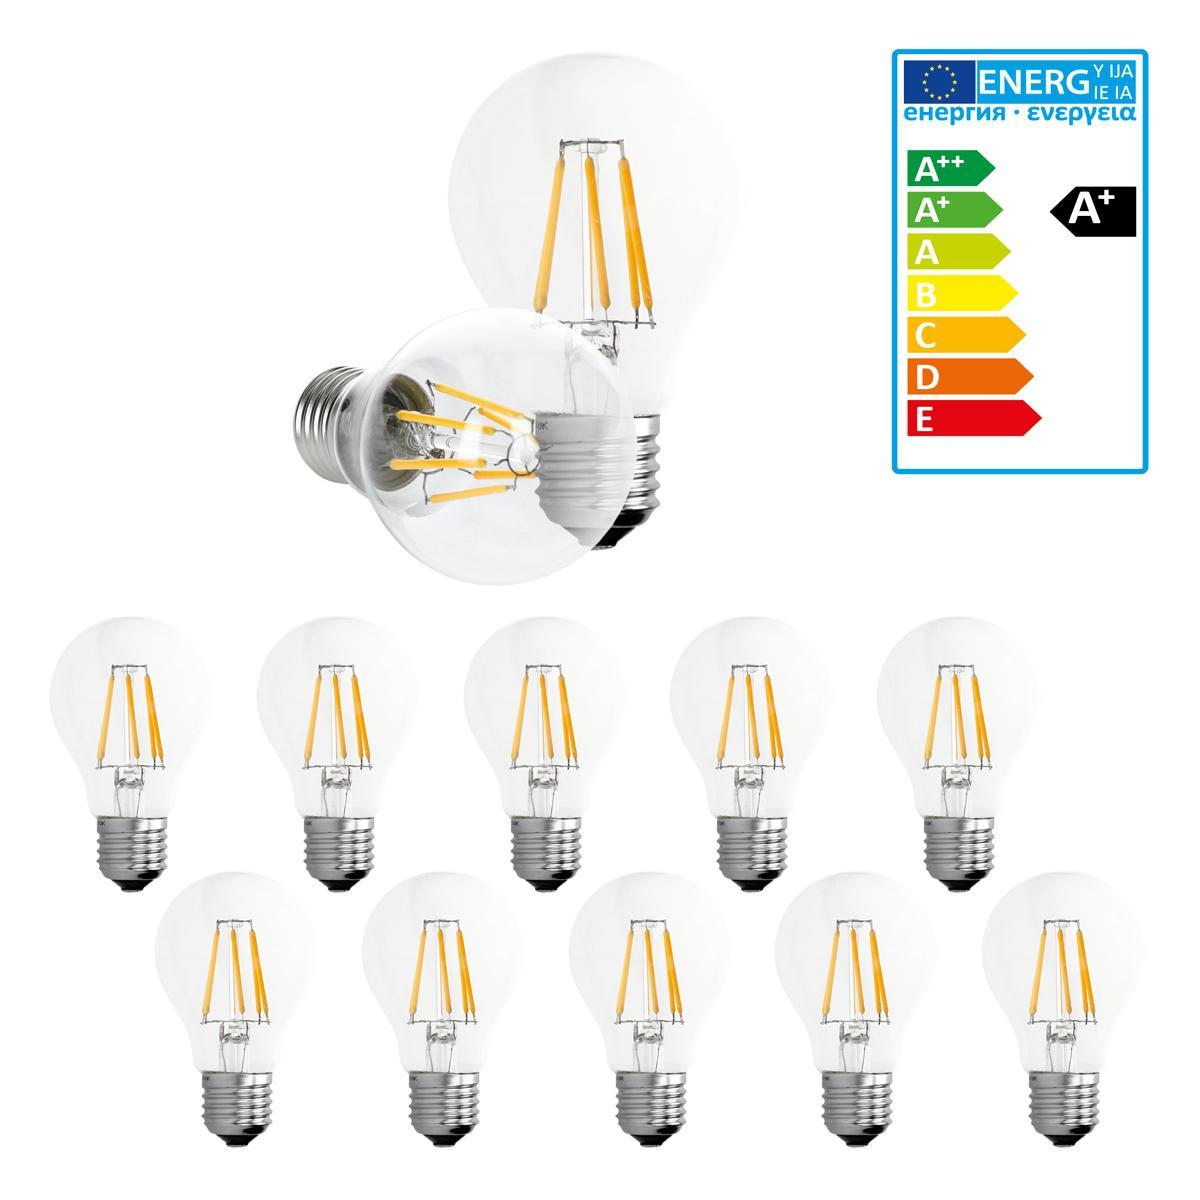 Ecd Germany ECD Germany 10 x LED Filament de l'ampoule E27 Classique Edison 6W 612 lumens angle de faisceau de 120 ° AC 220-240 rest